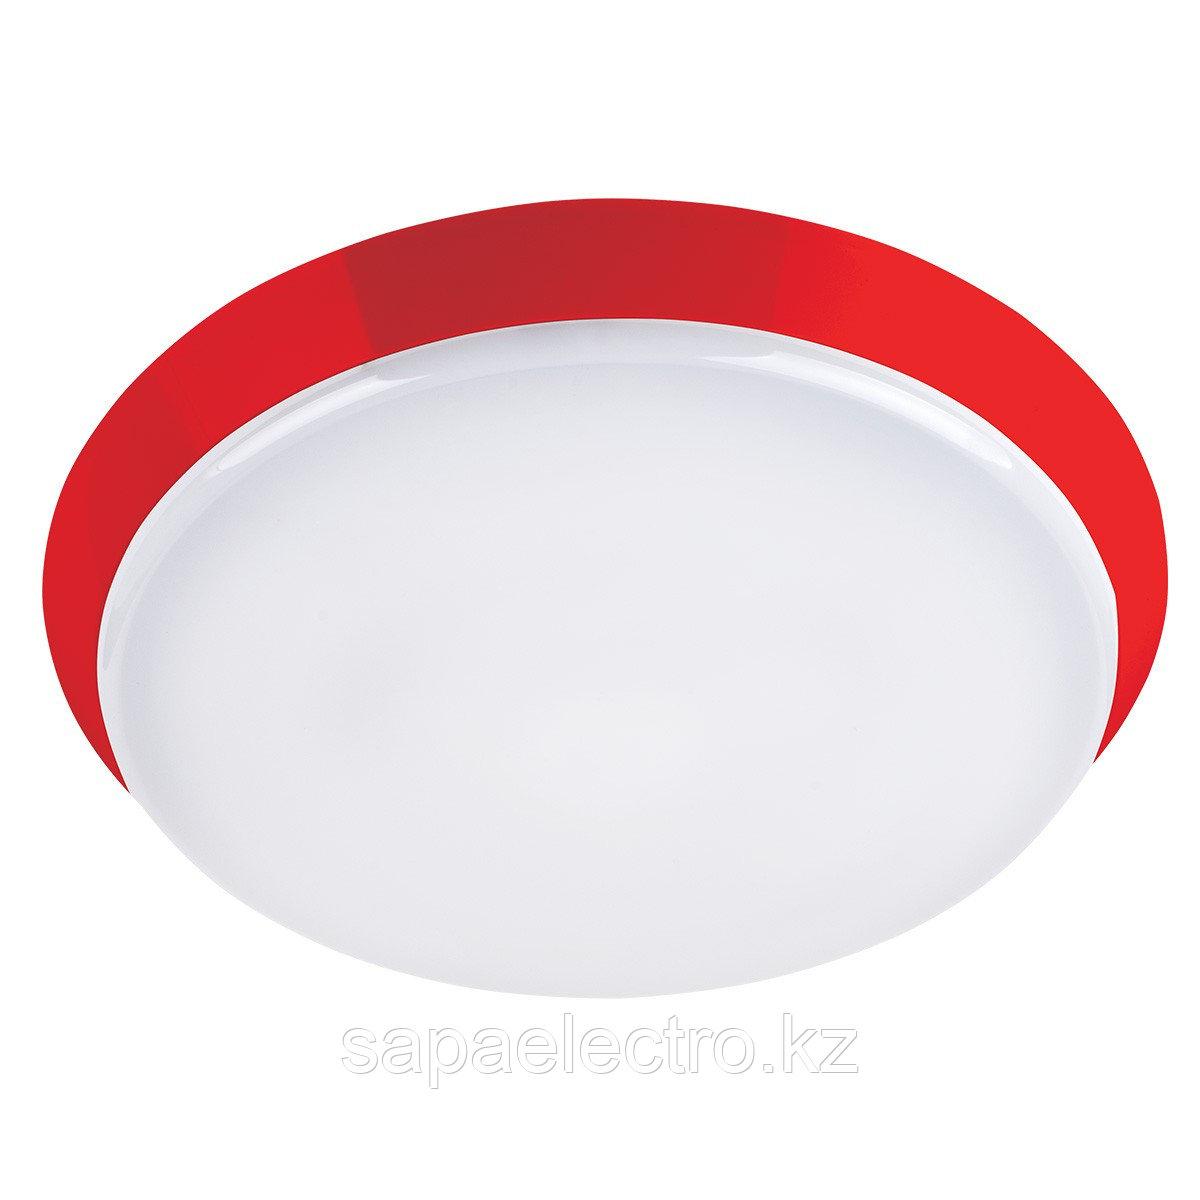 Св-к UFO STANDART Красный LED 18W 6000K  MGL(3/54шт